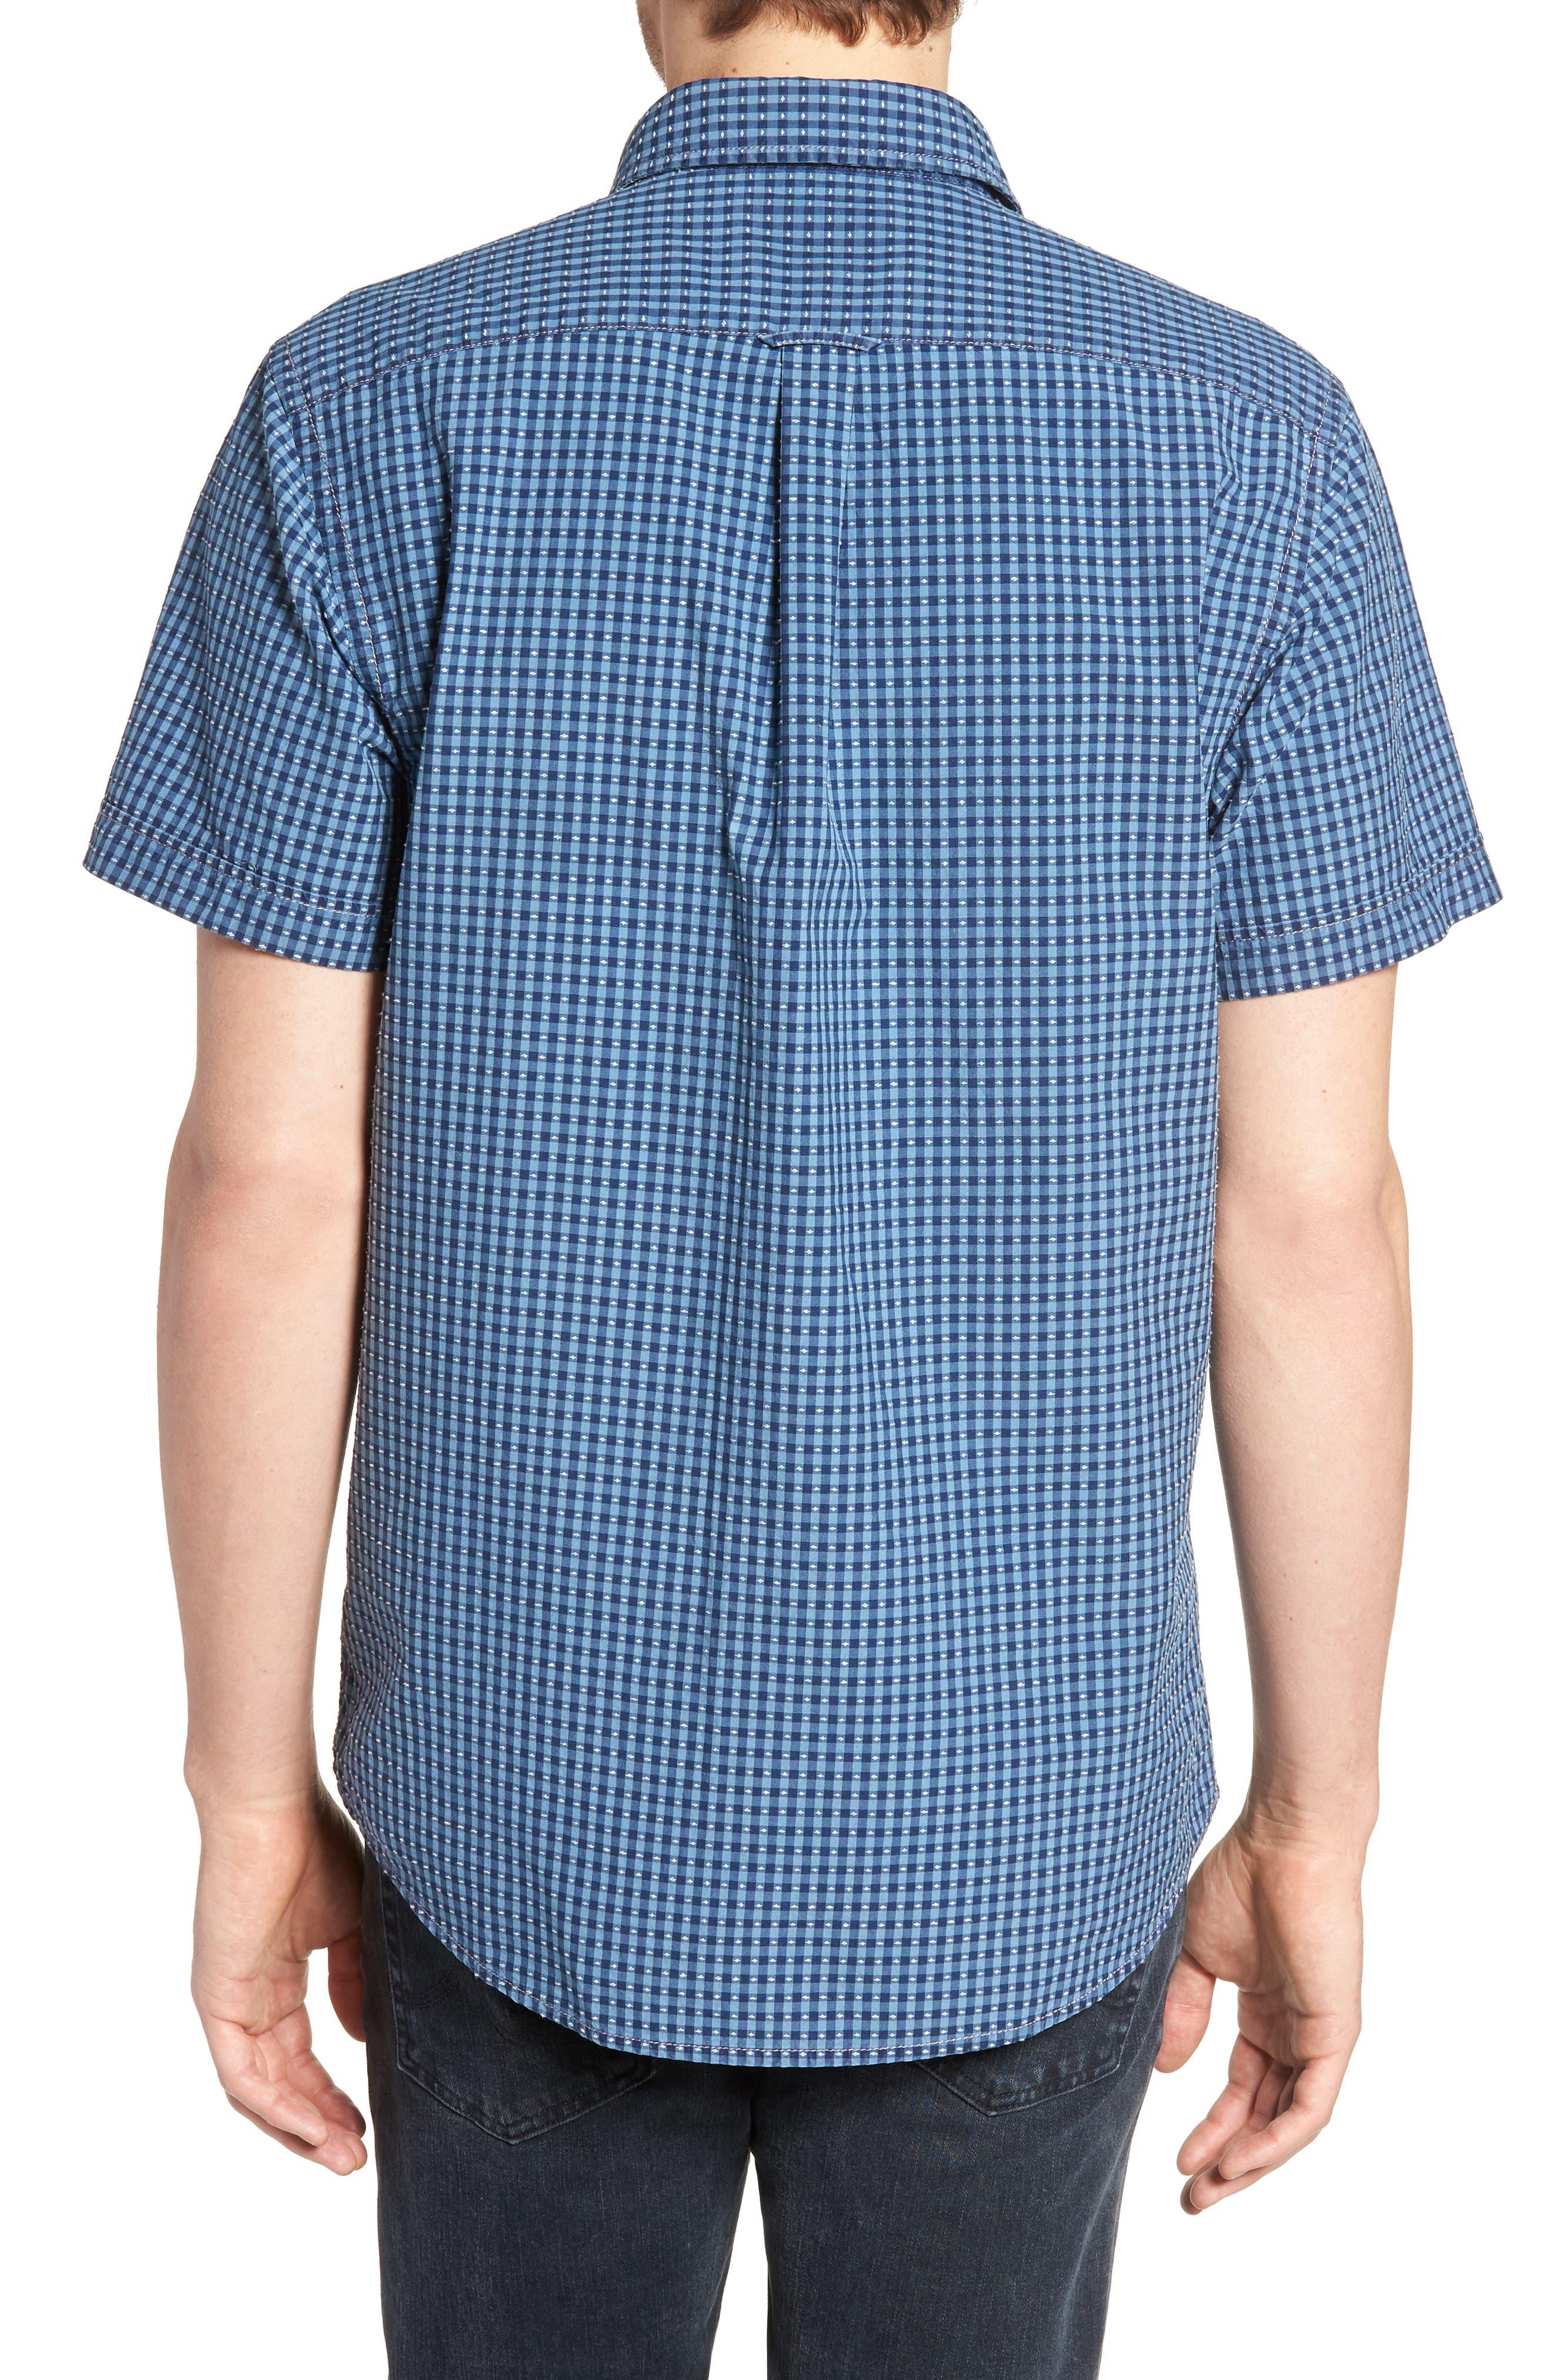 RODD & GUNN,                             Sandon Block Sport Shirt,                             Alternate thumbnail 2, color,                             420